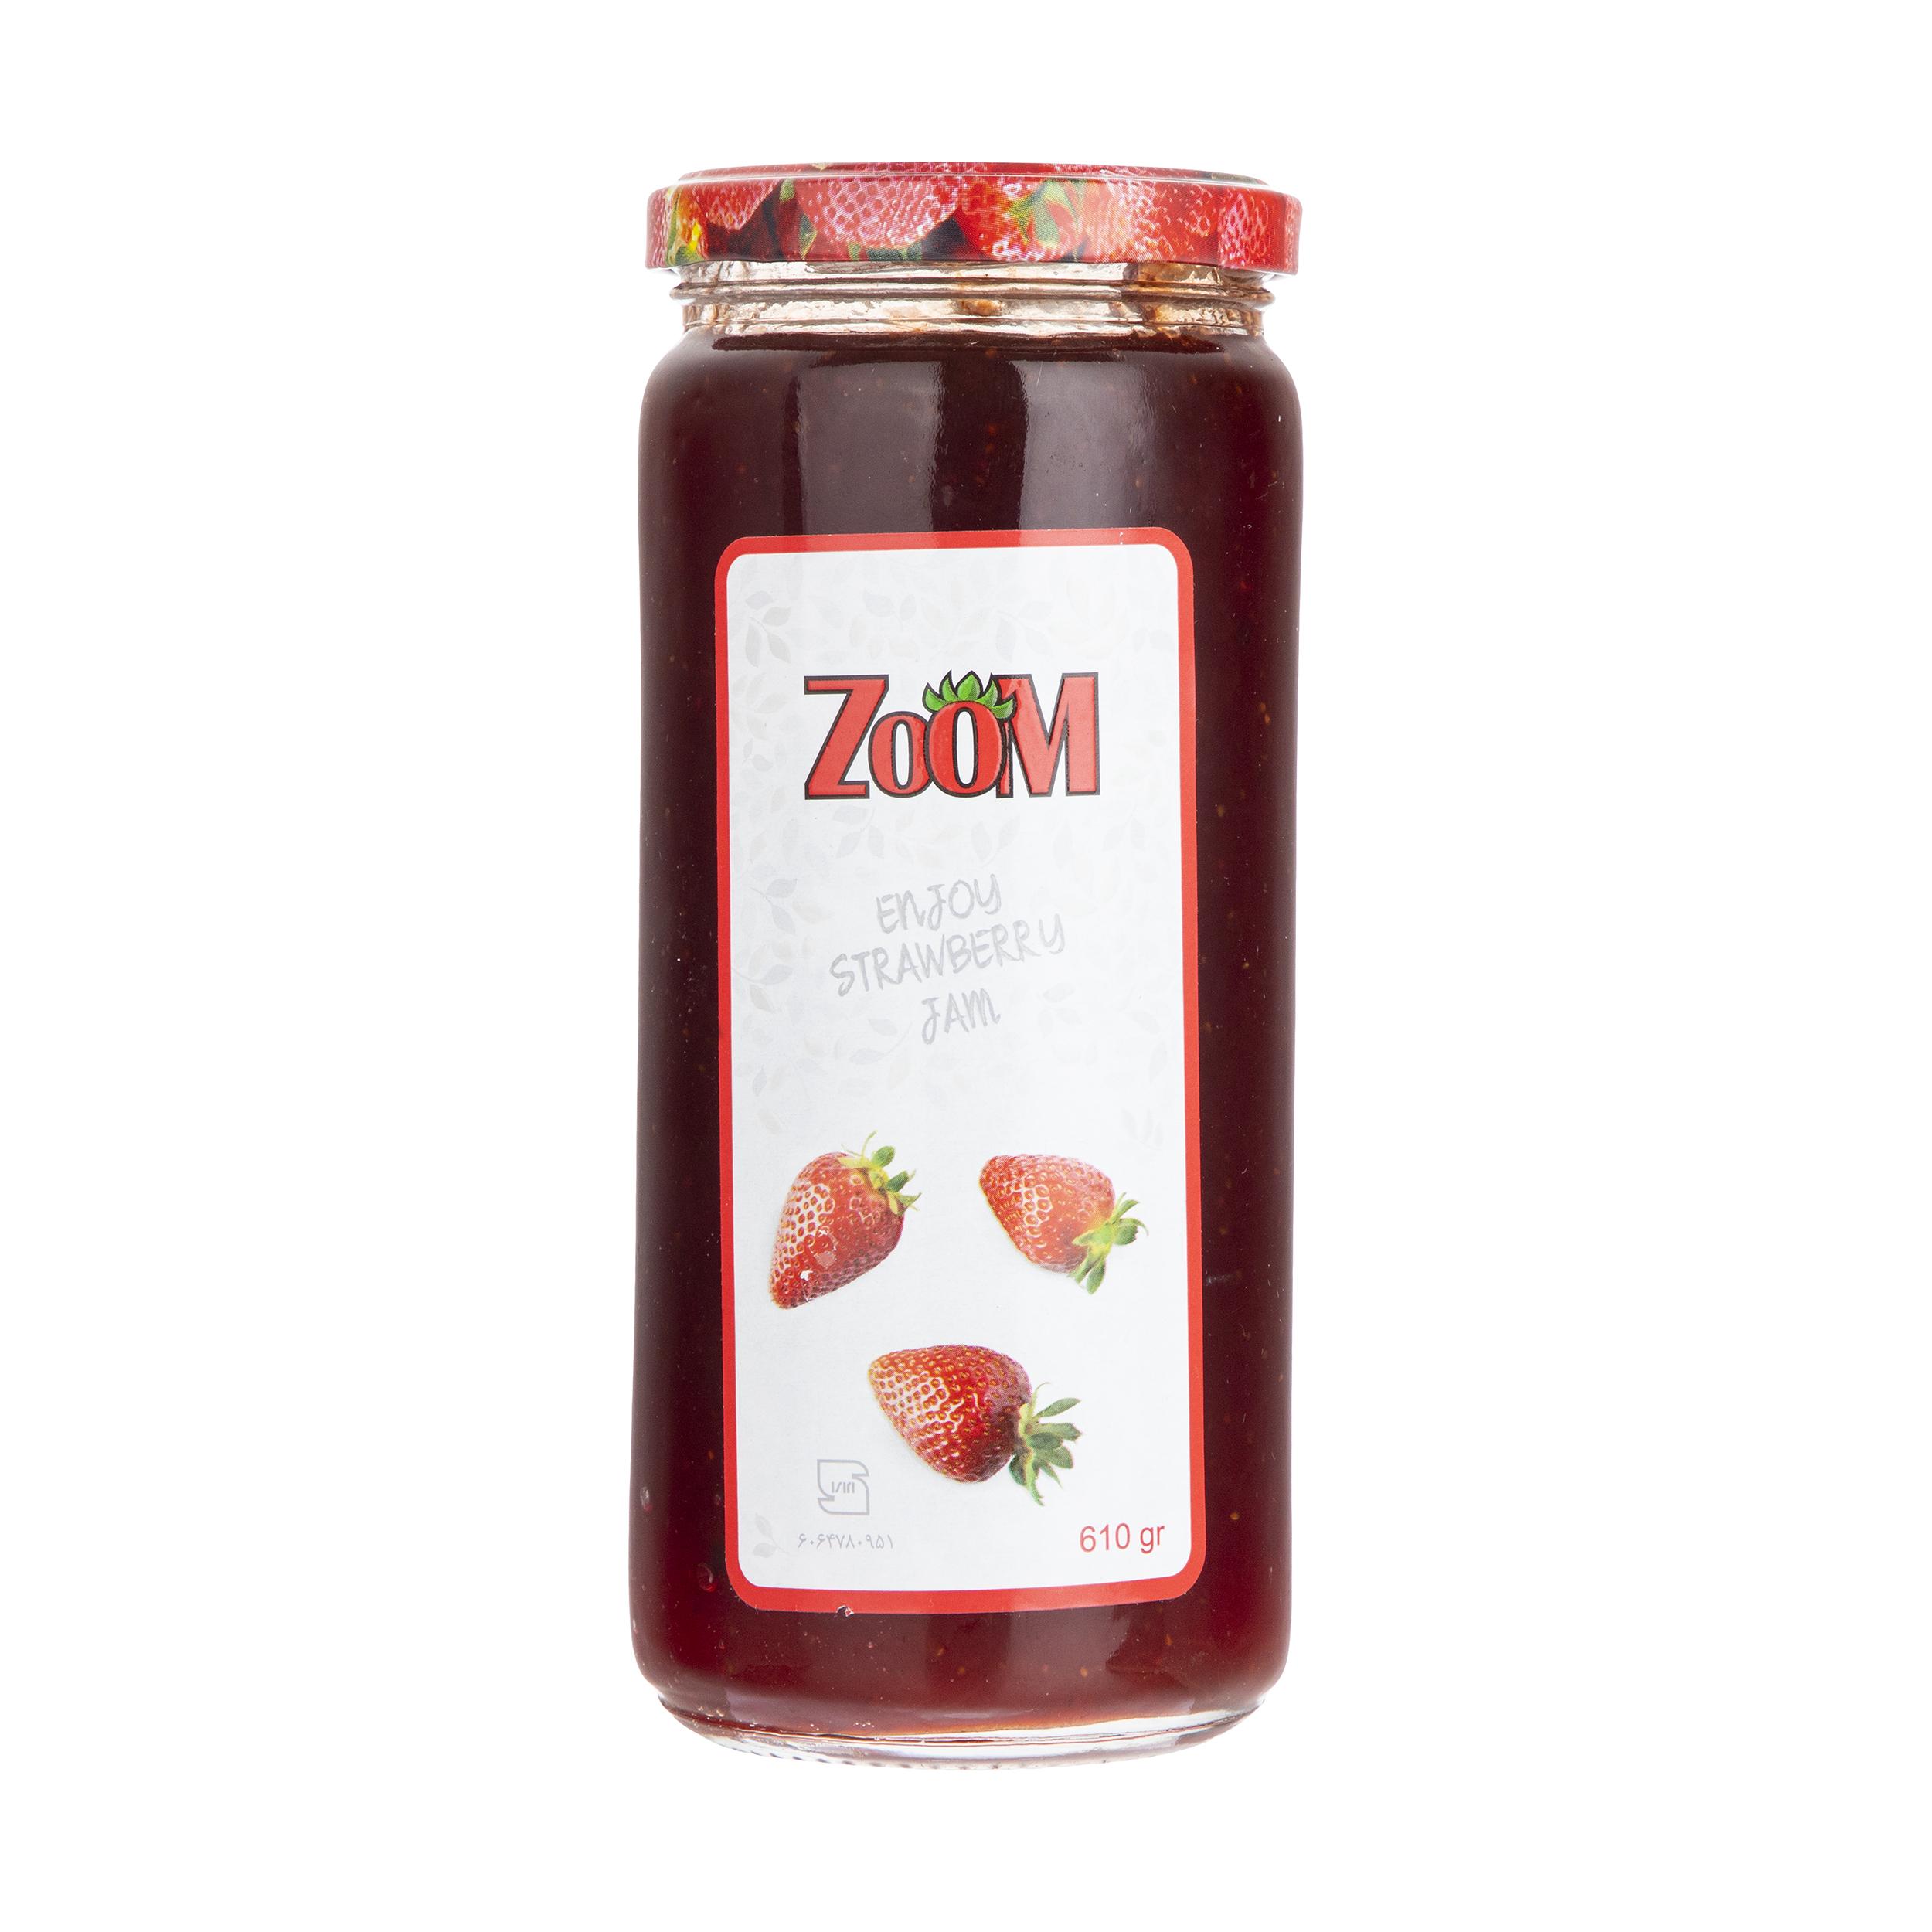 مربای توت فرنگی زوم - 610 گرم